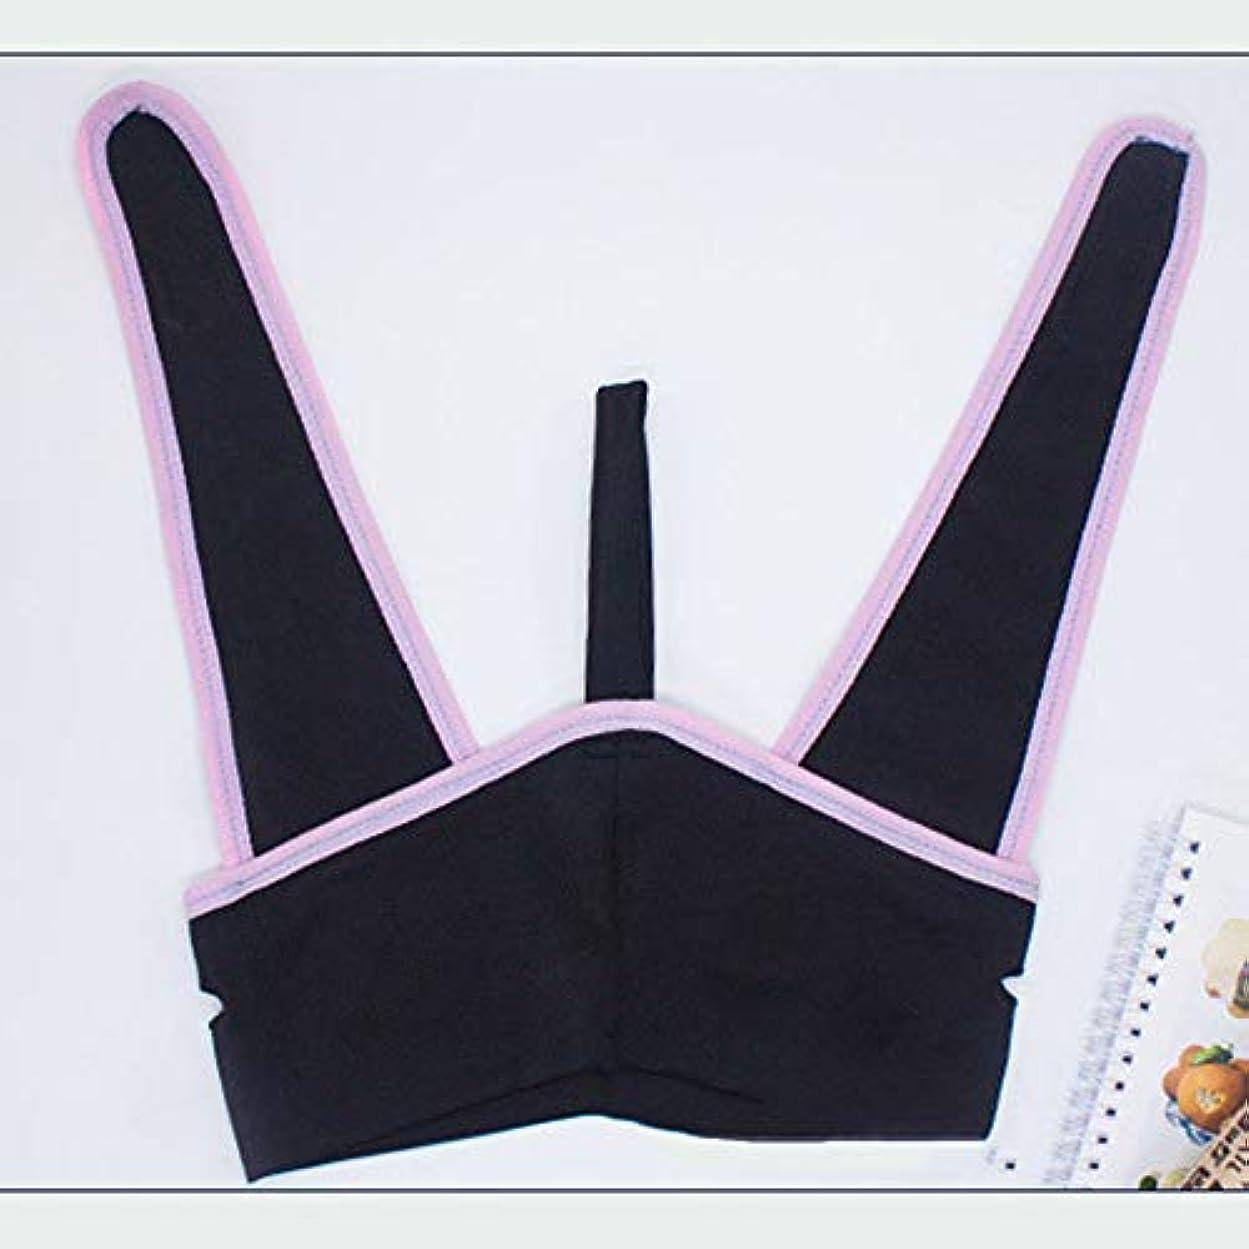 グレートバリアリーフ基本的な派生するフェイスリフティング包帯、フェイスリフティングマスク/フェイスリフティングマスク/マスク包帯リフティング引き締めフェイスリフト二重あご女性抗脂肪,L